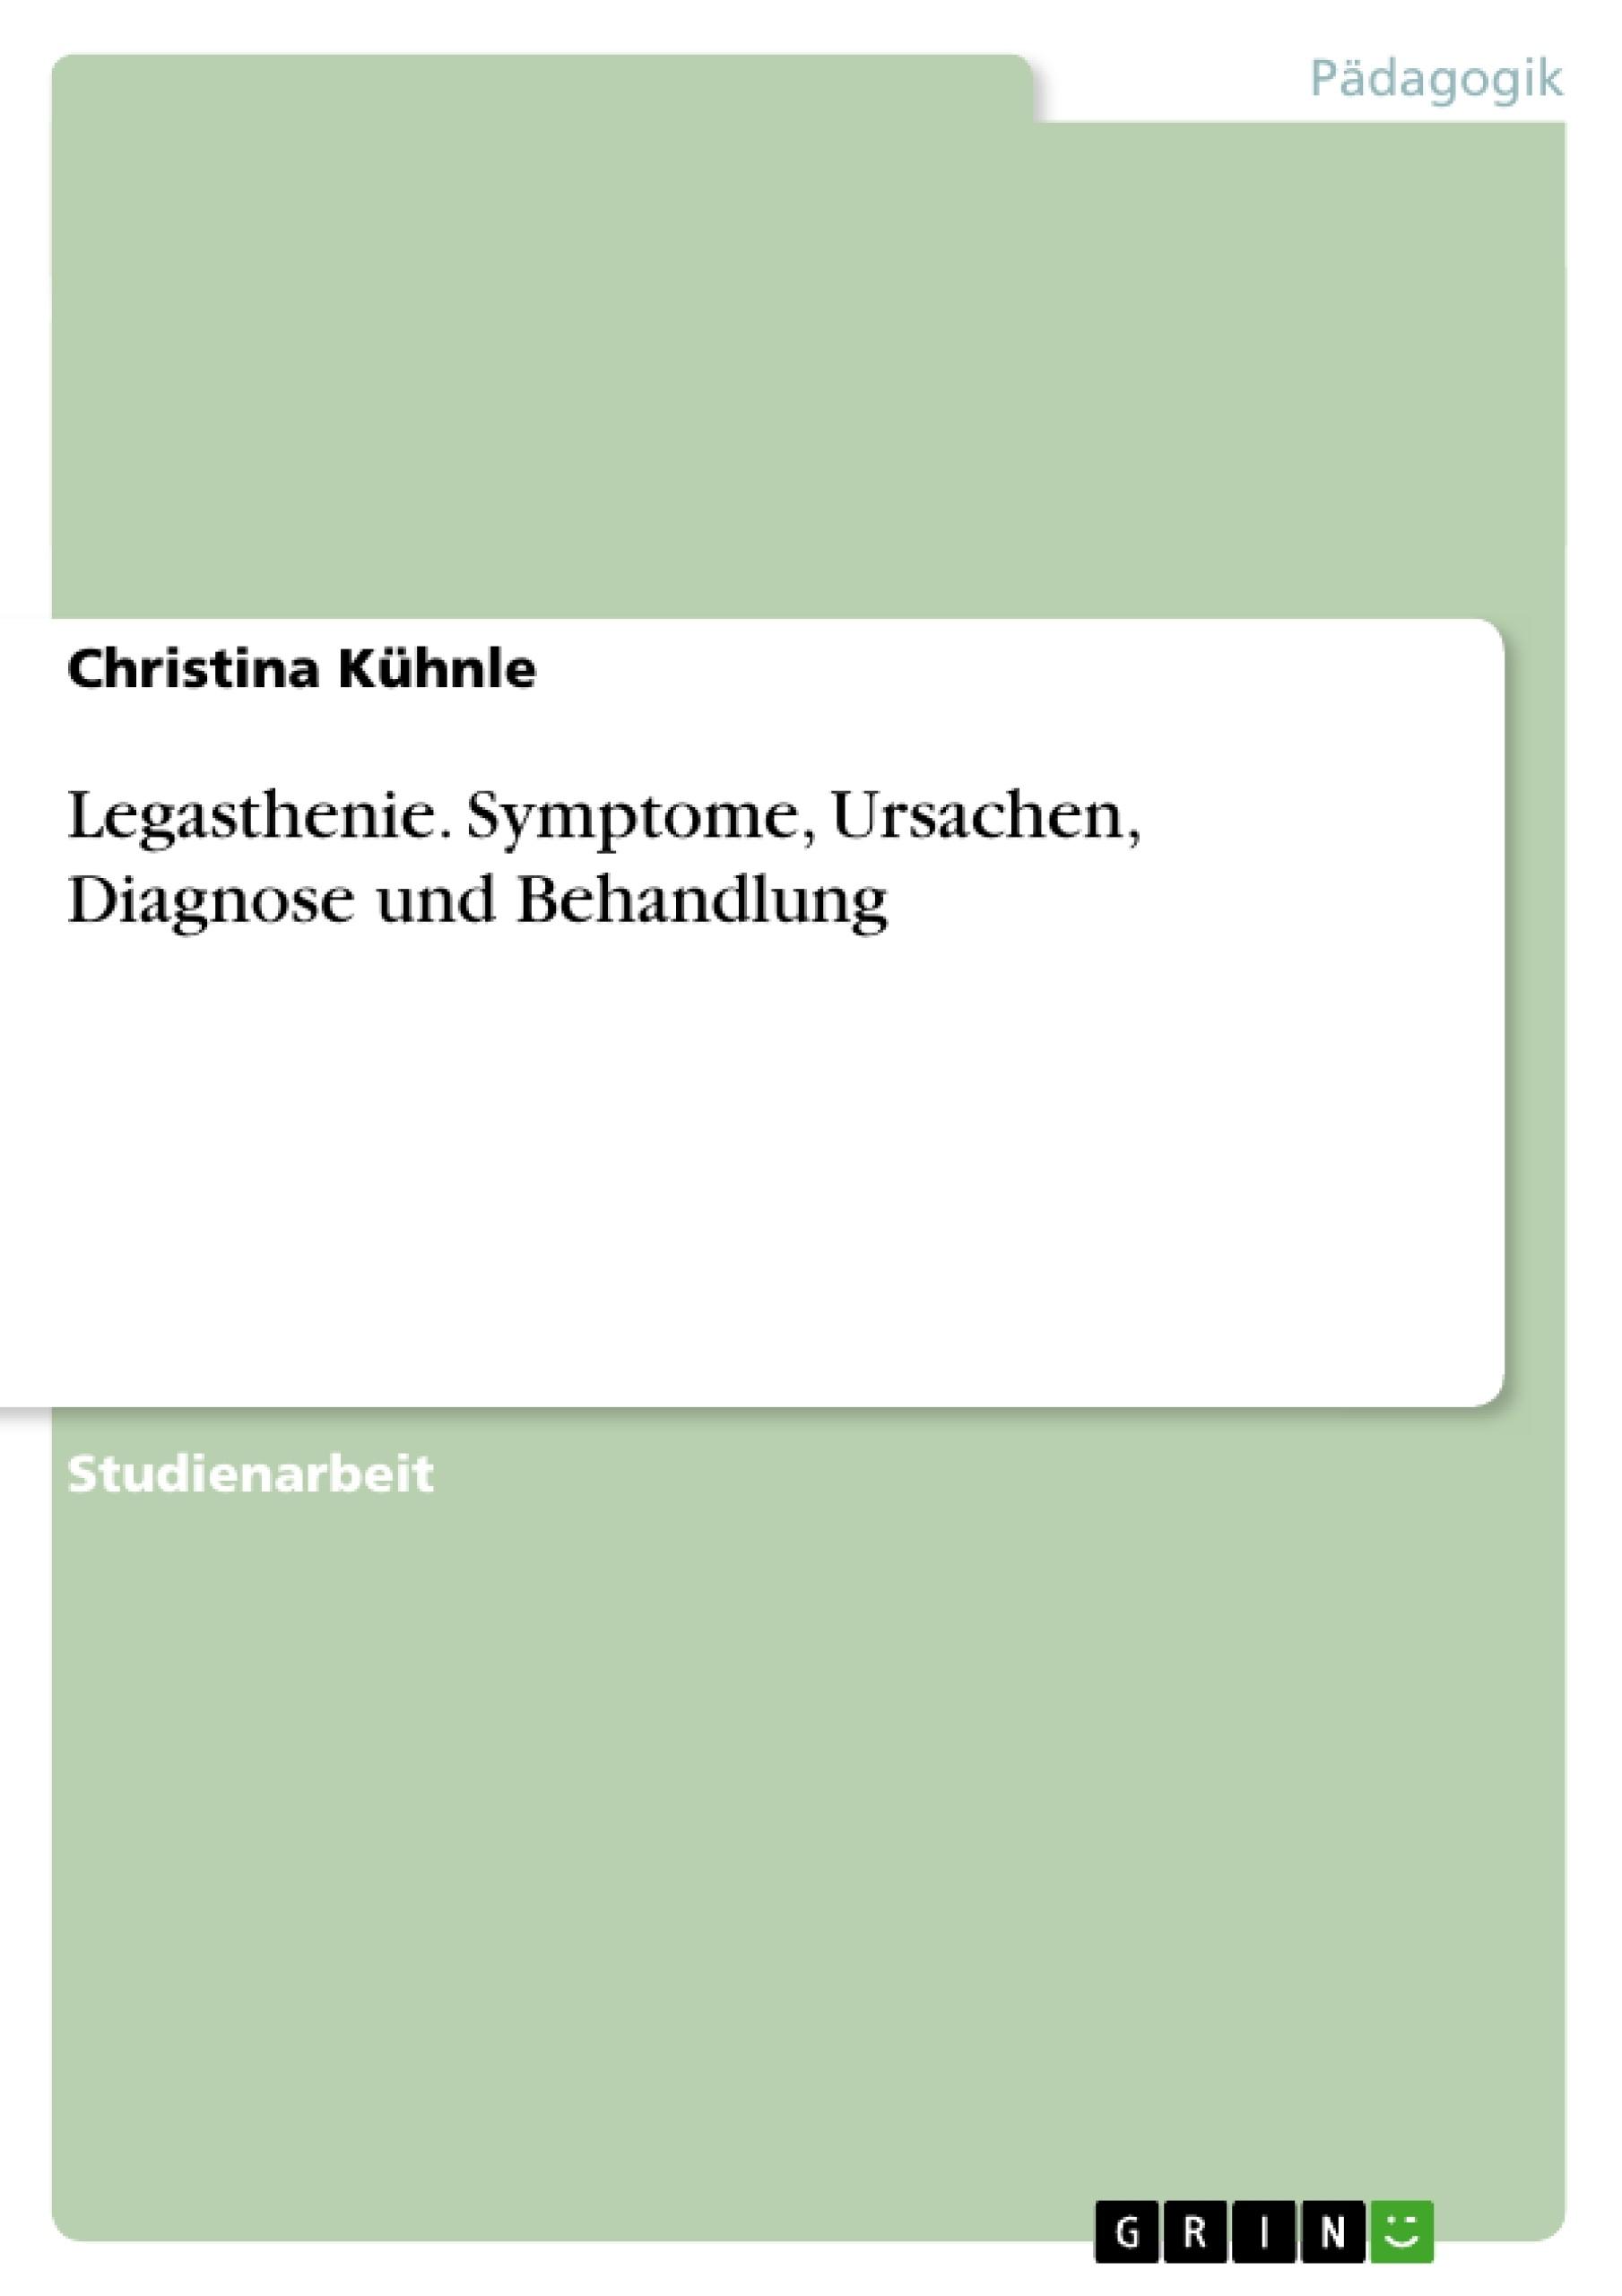 Titel: Legasthenie. Symptome, Ursachen, Diagnose und Behandlung